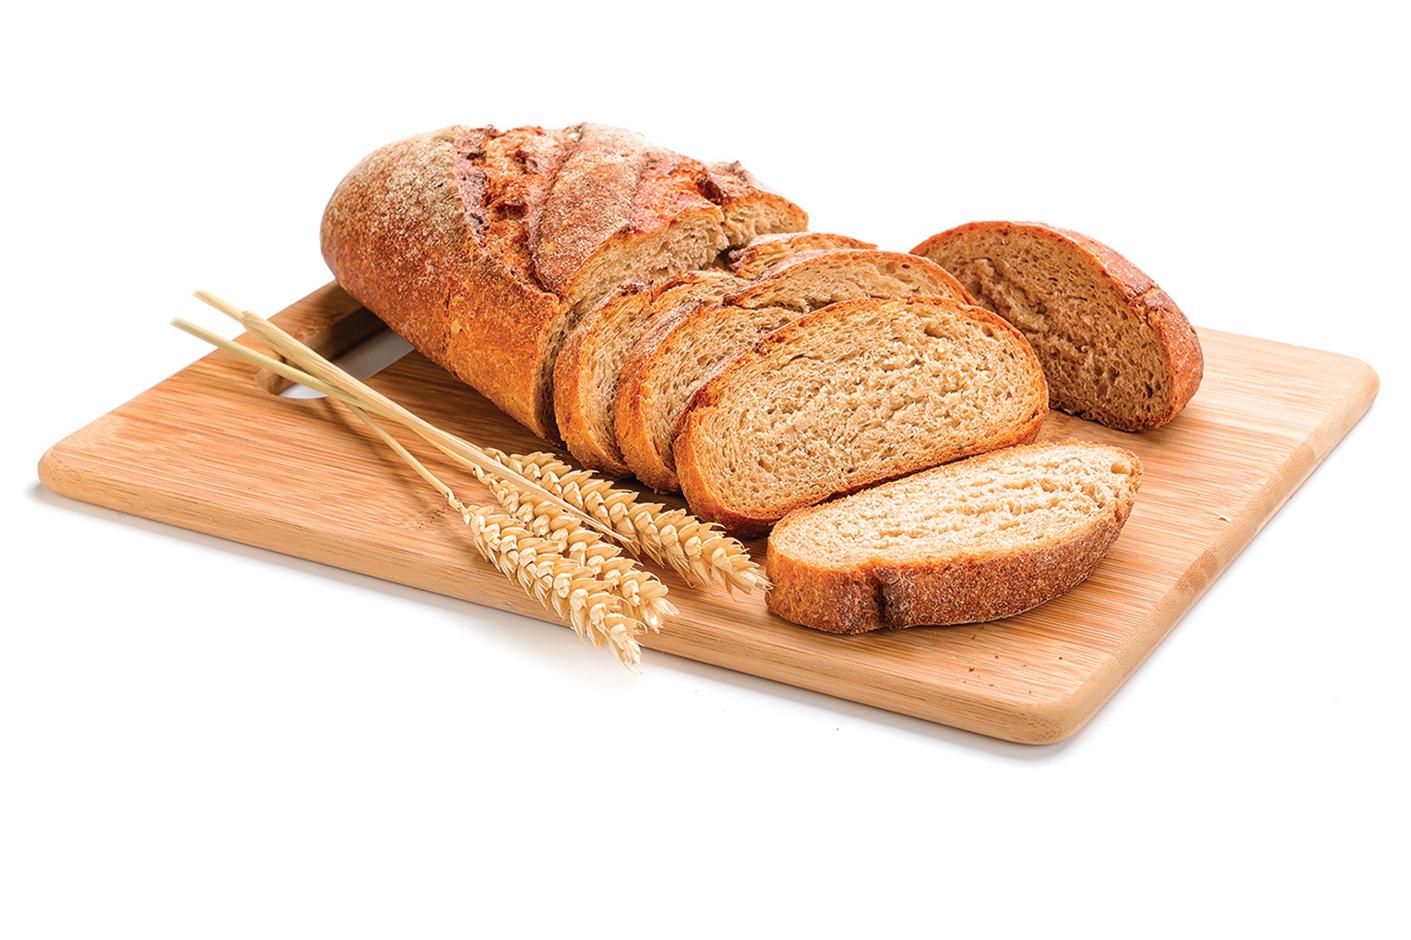 全麥多士麵包低脂營養,富含纖維素。